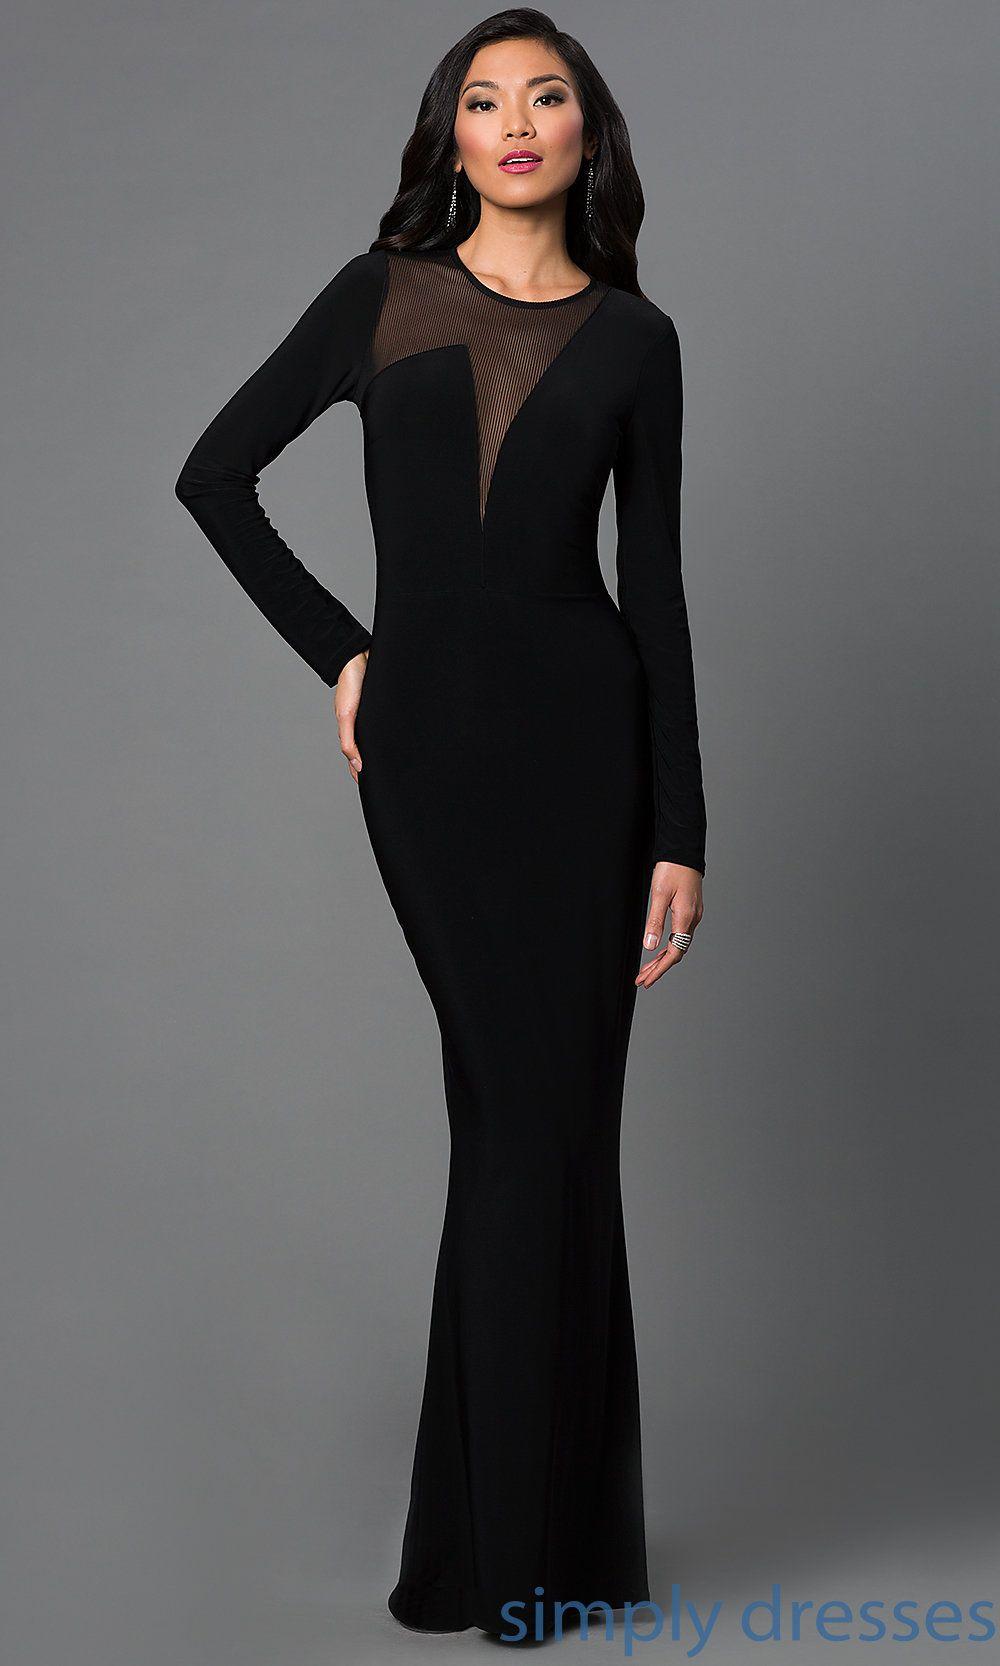 Long sleeve black wedding dresses  LongSleeve Black Formal Gown  PromGirl  Long sleeve gown Panel